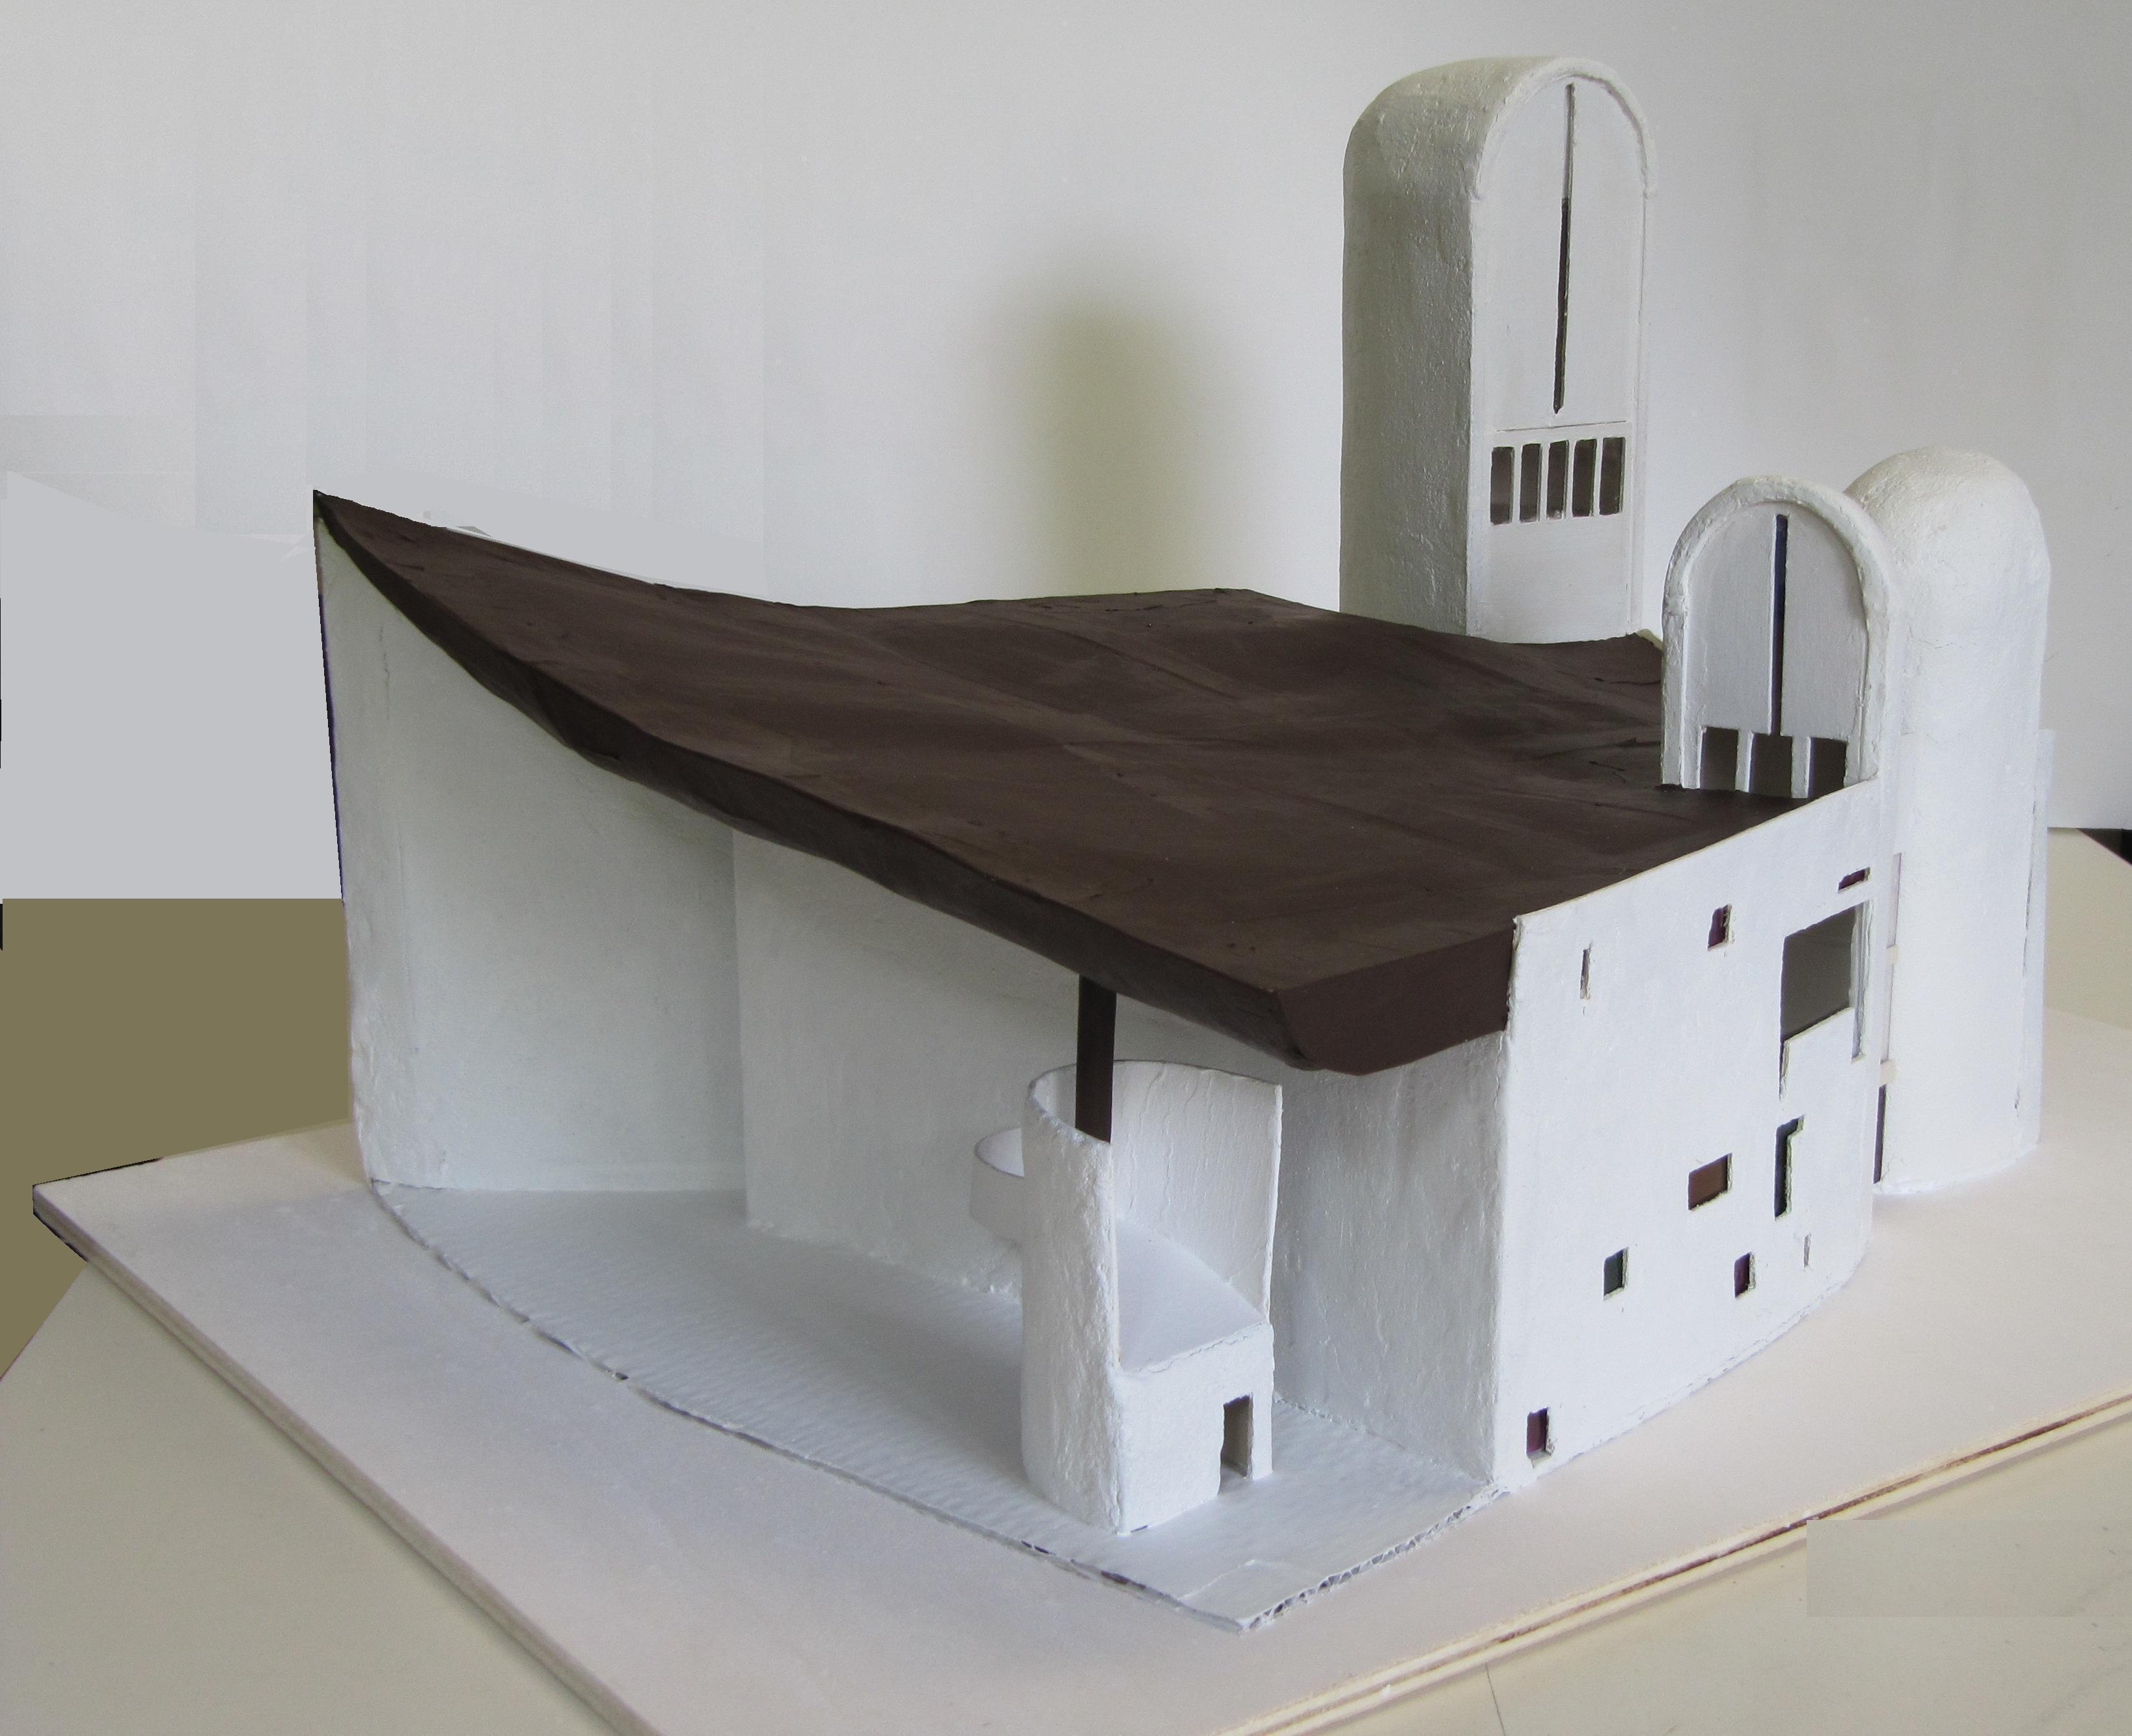 Ronchamp Le Corbusier 4c Anno Scolastico 2010 Esercitazioni  # Muebles Pagolin